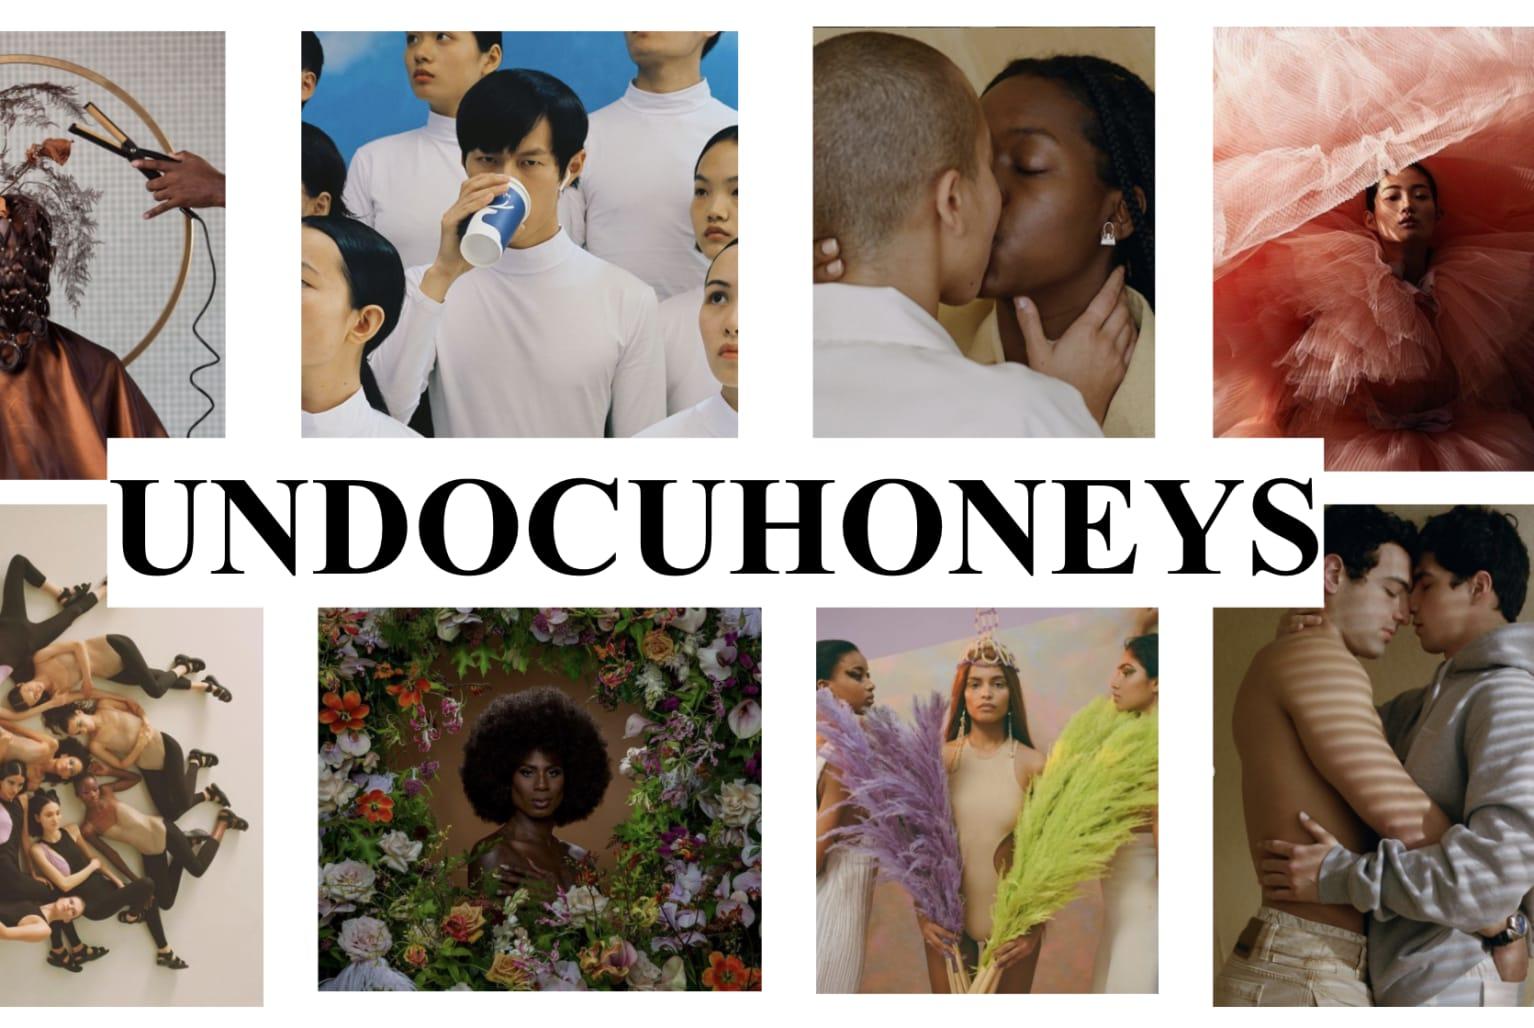 Undocuhoneys